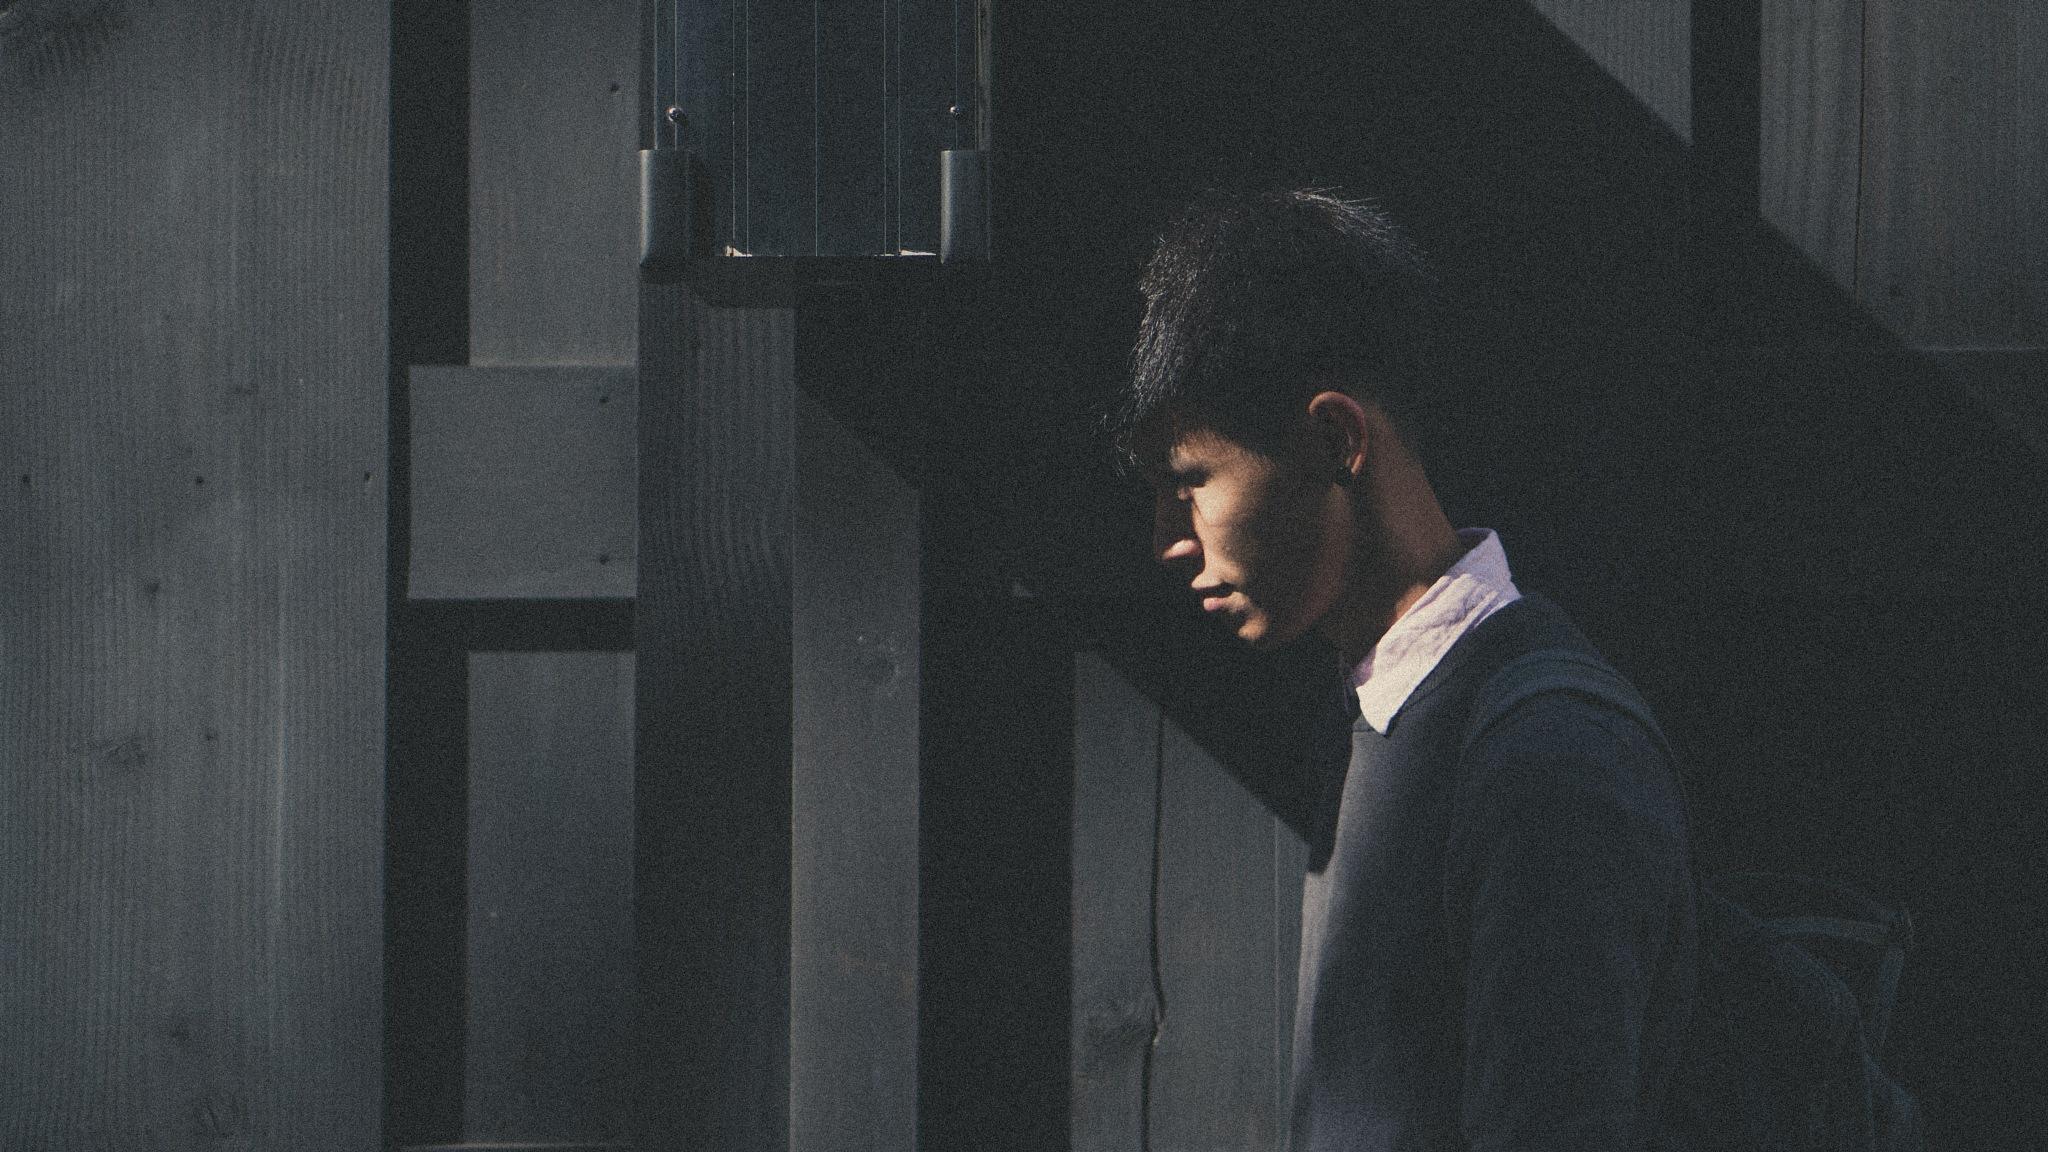 Shade by Glenn Ng